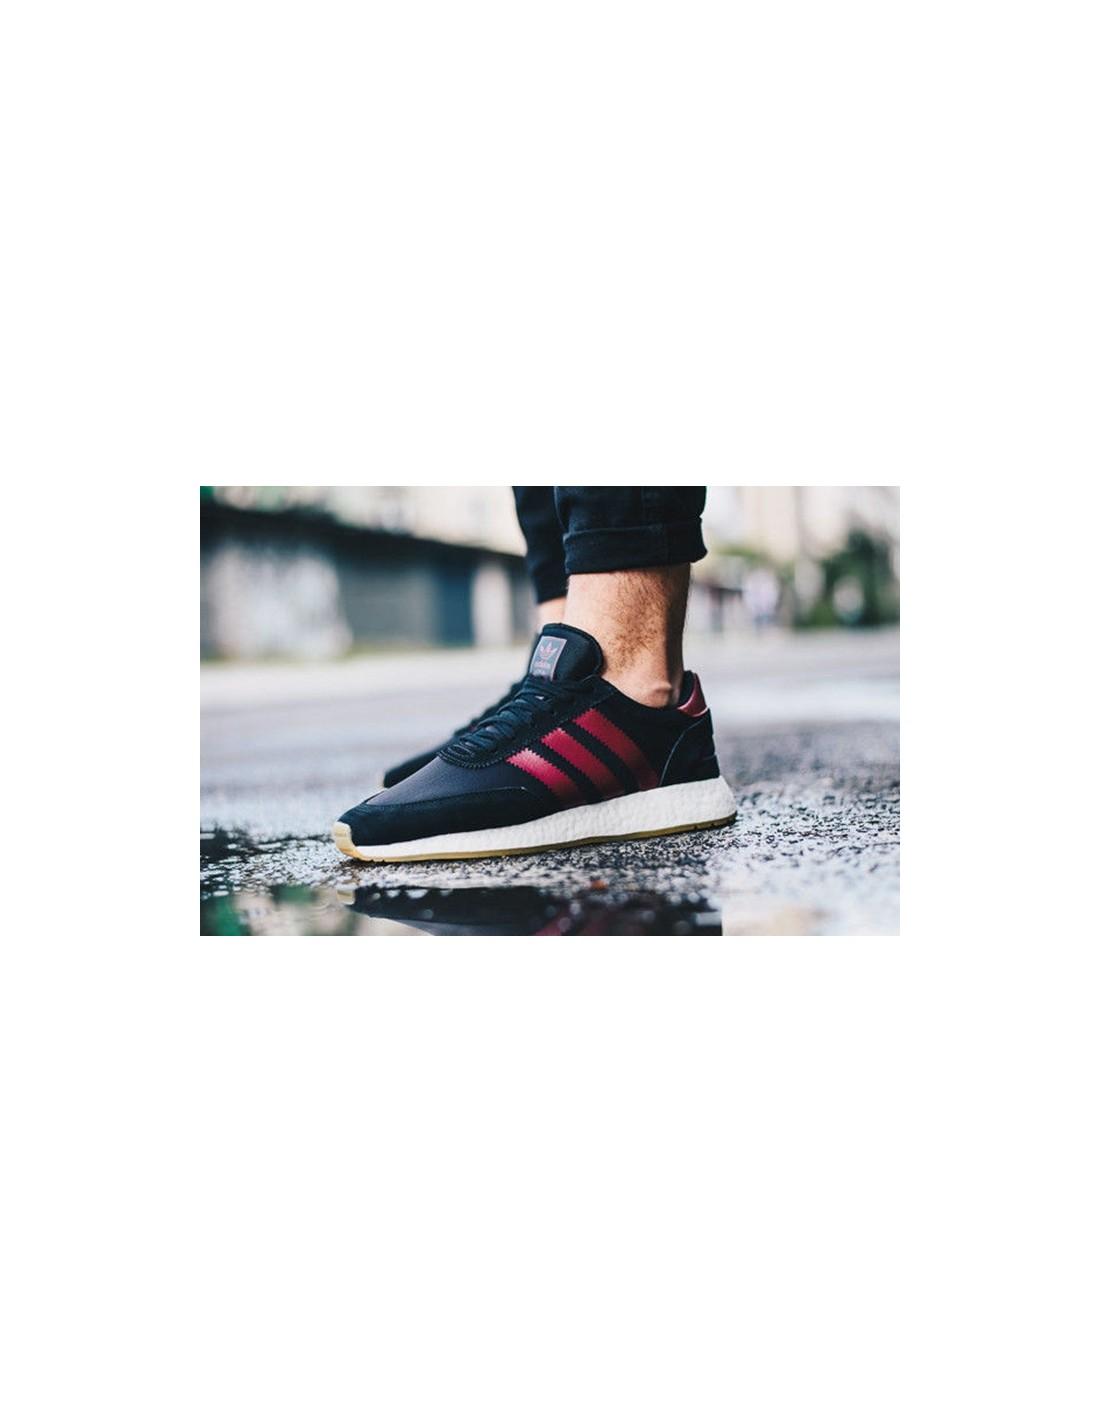 promo code 3b598 db593 ... Adidas Originals I-5923 Navy B37919 ...